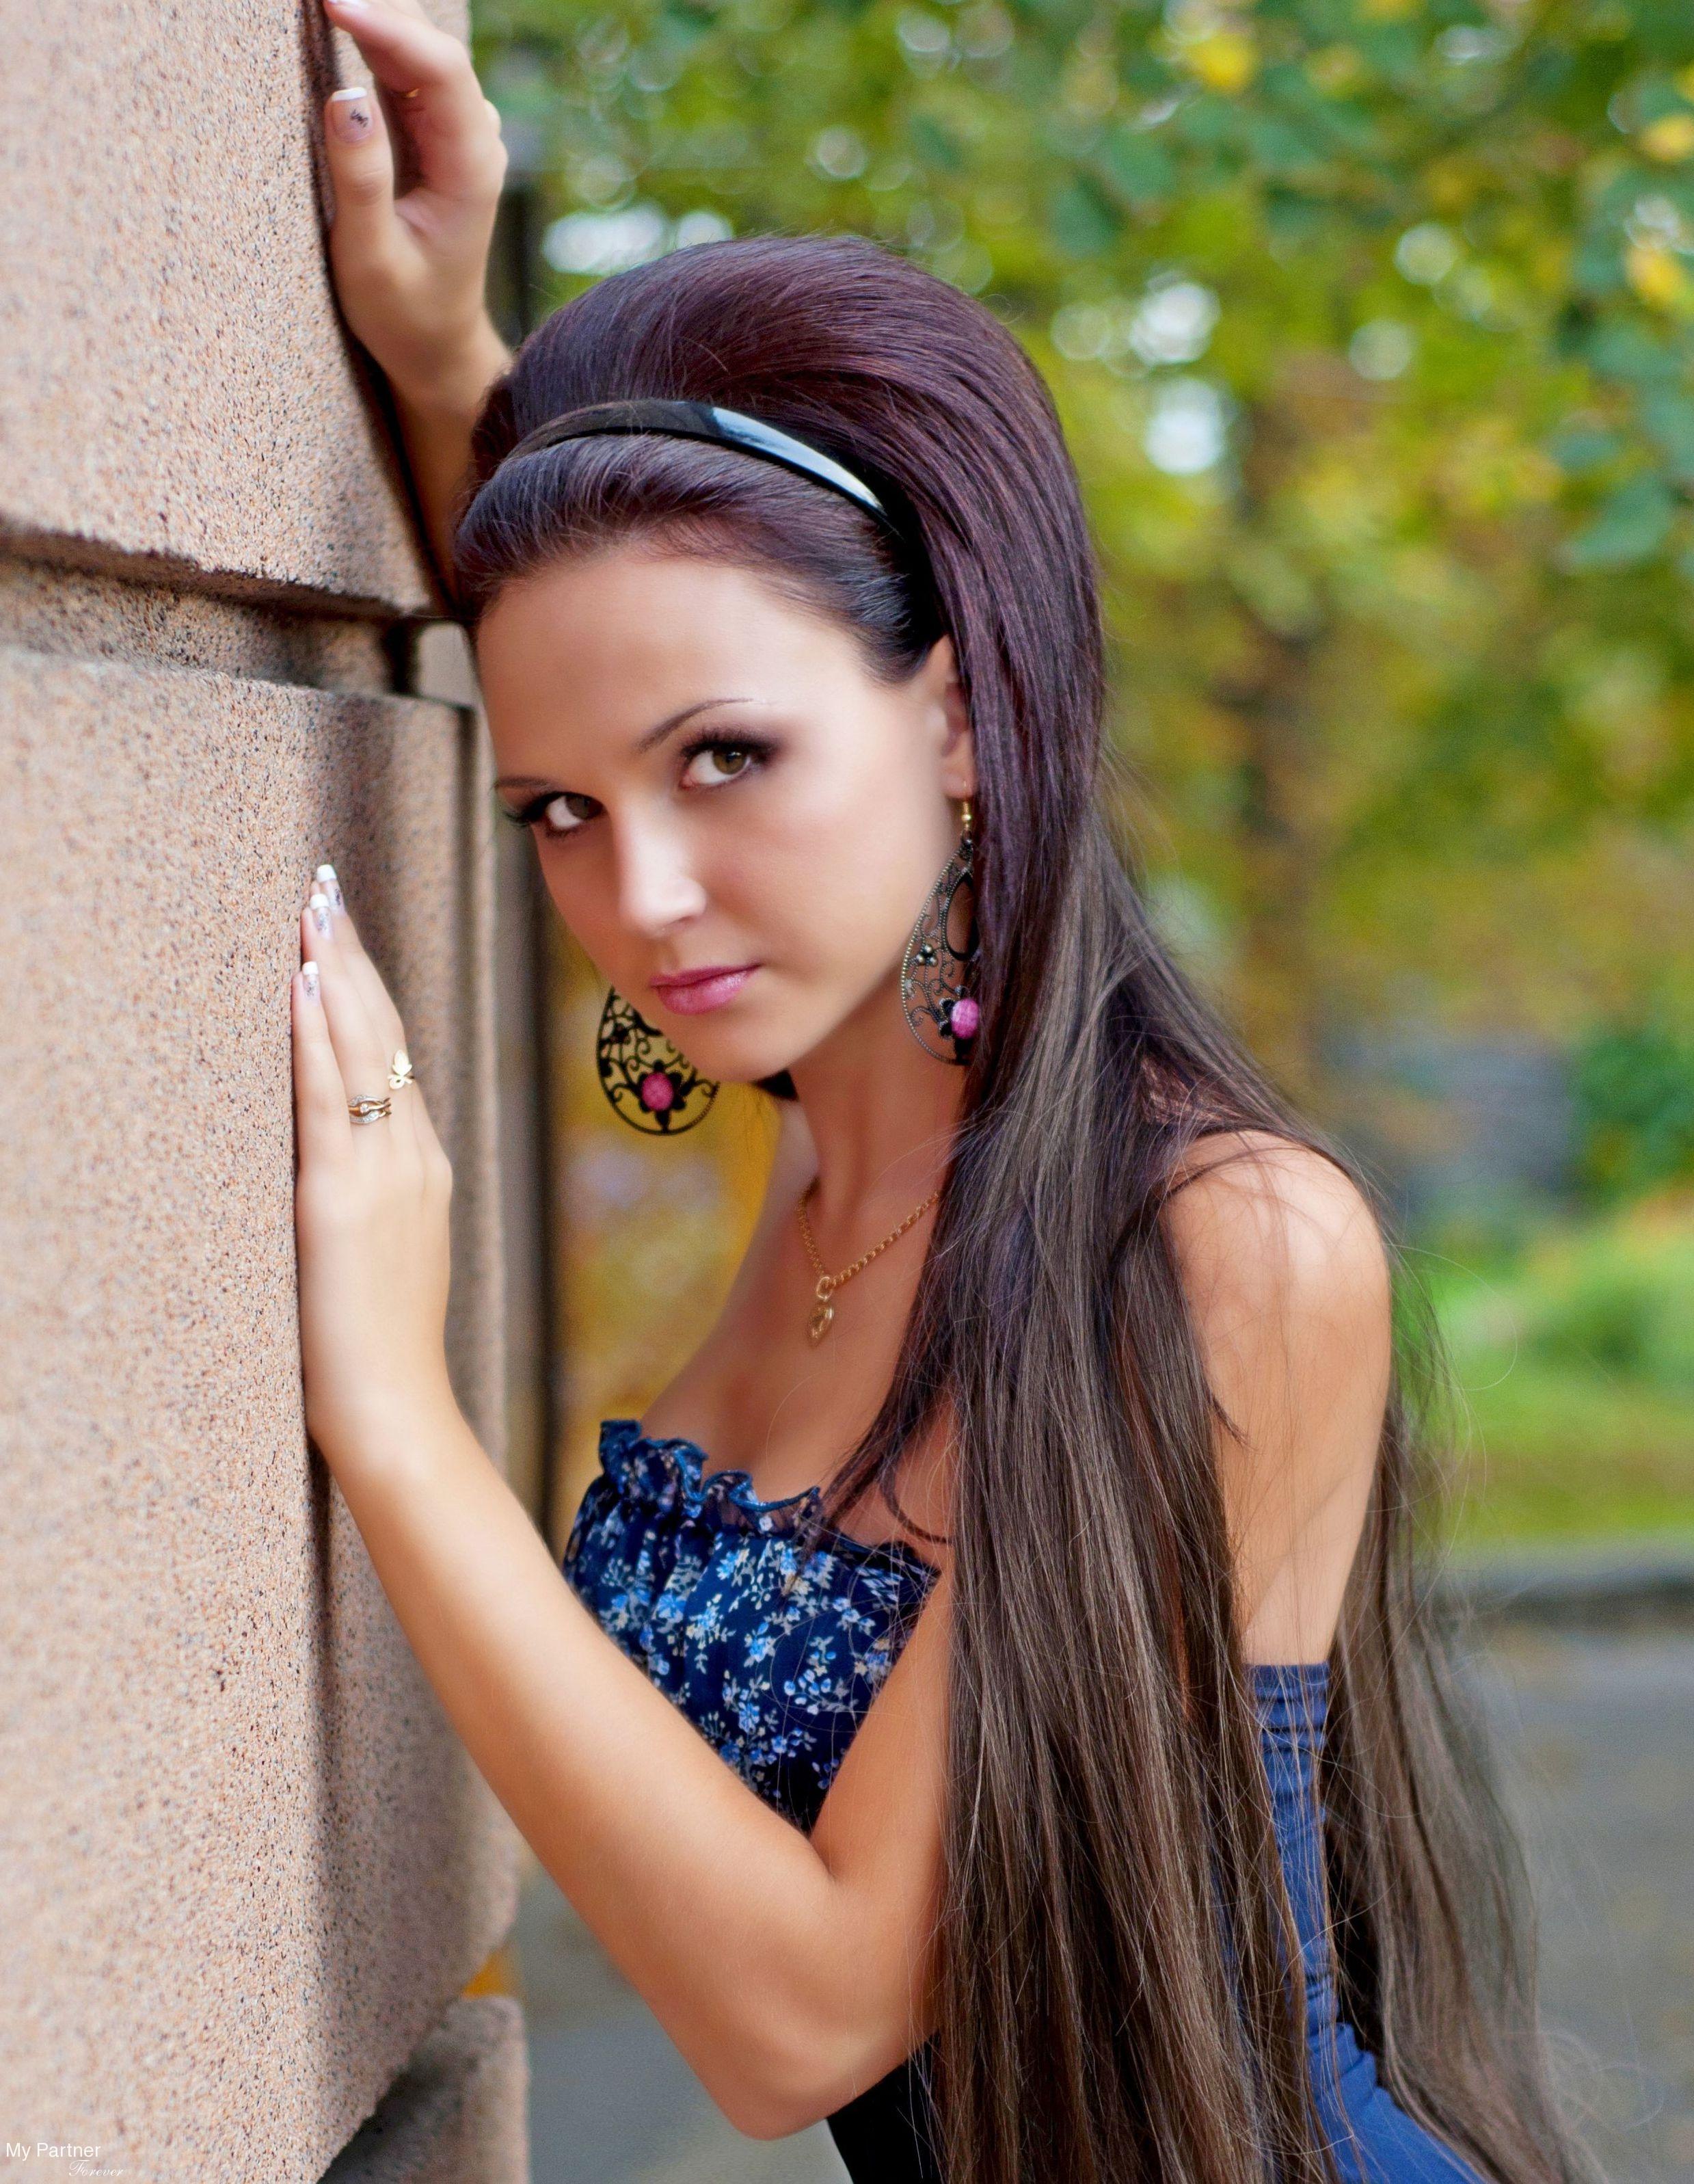 ukraine dating website Dateukrainians - online dating in kiev 100% free dating kind kiev girls.